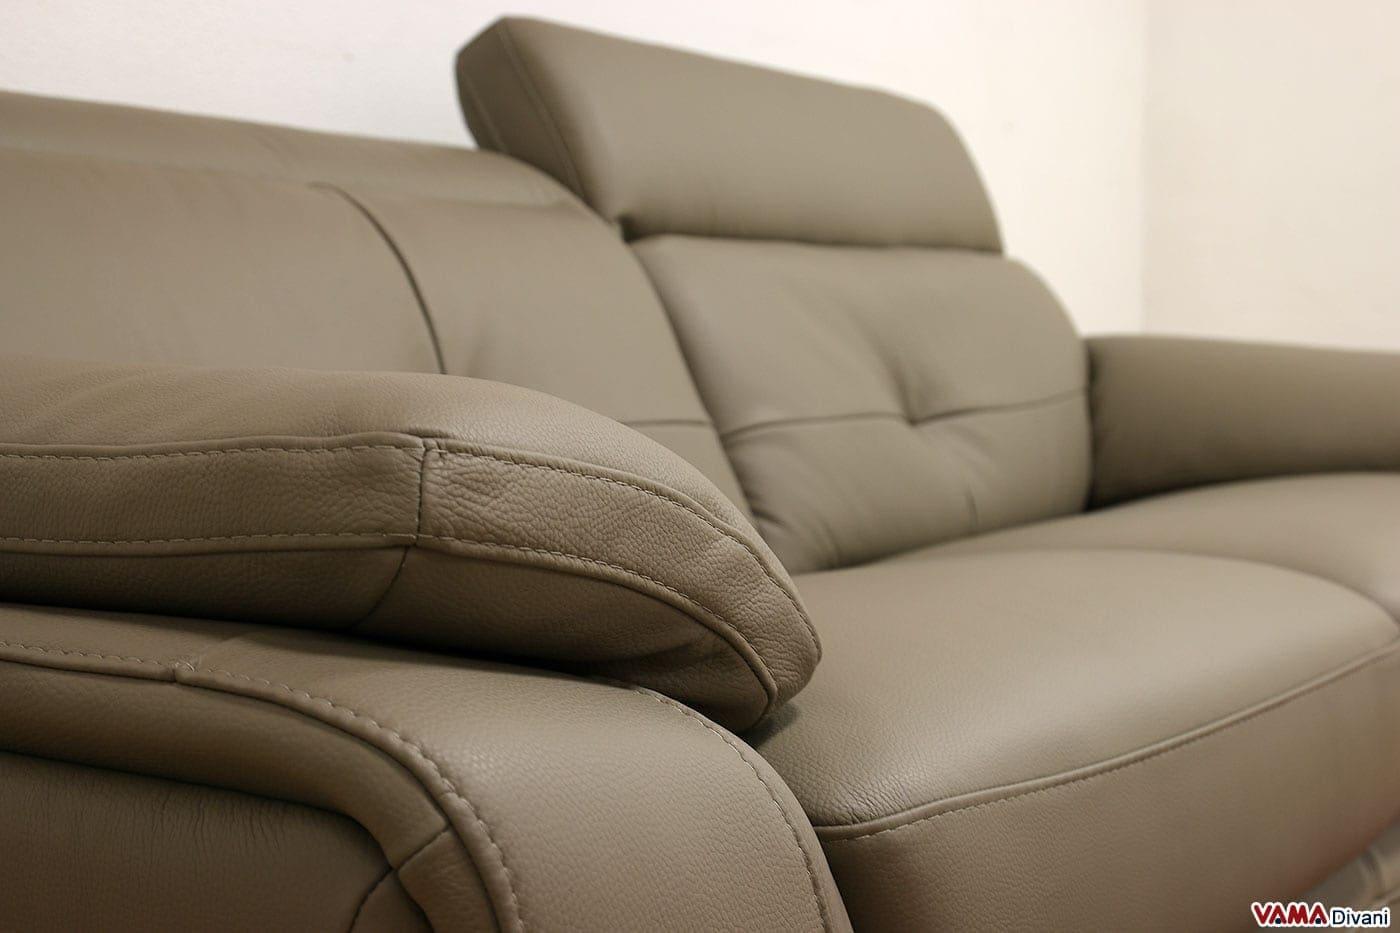 divano in pelle con angolo semitondo e poggiatesta reclinabili - Moderno Ampio Angolo Divano In Pelle A 5 Posti